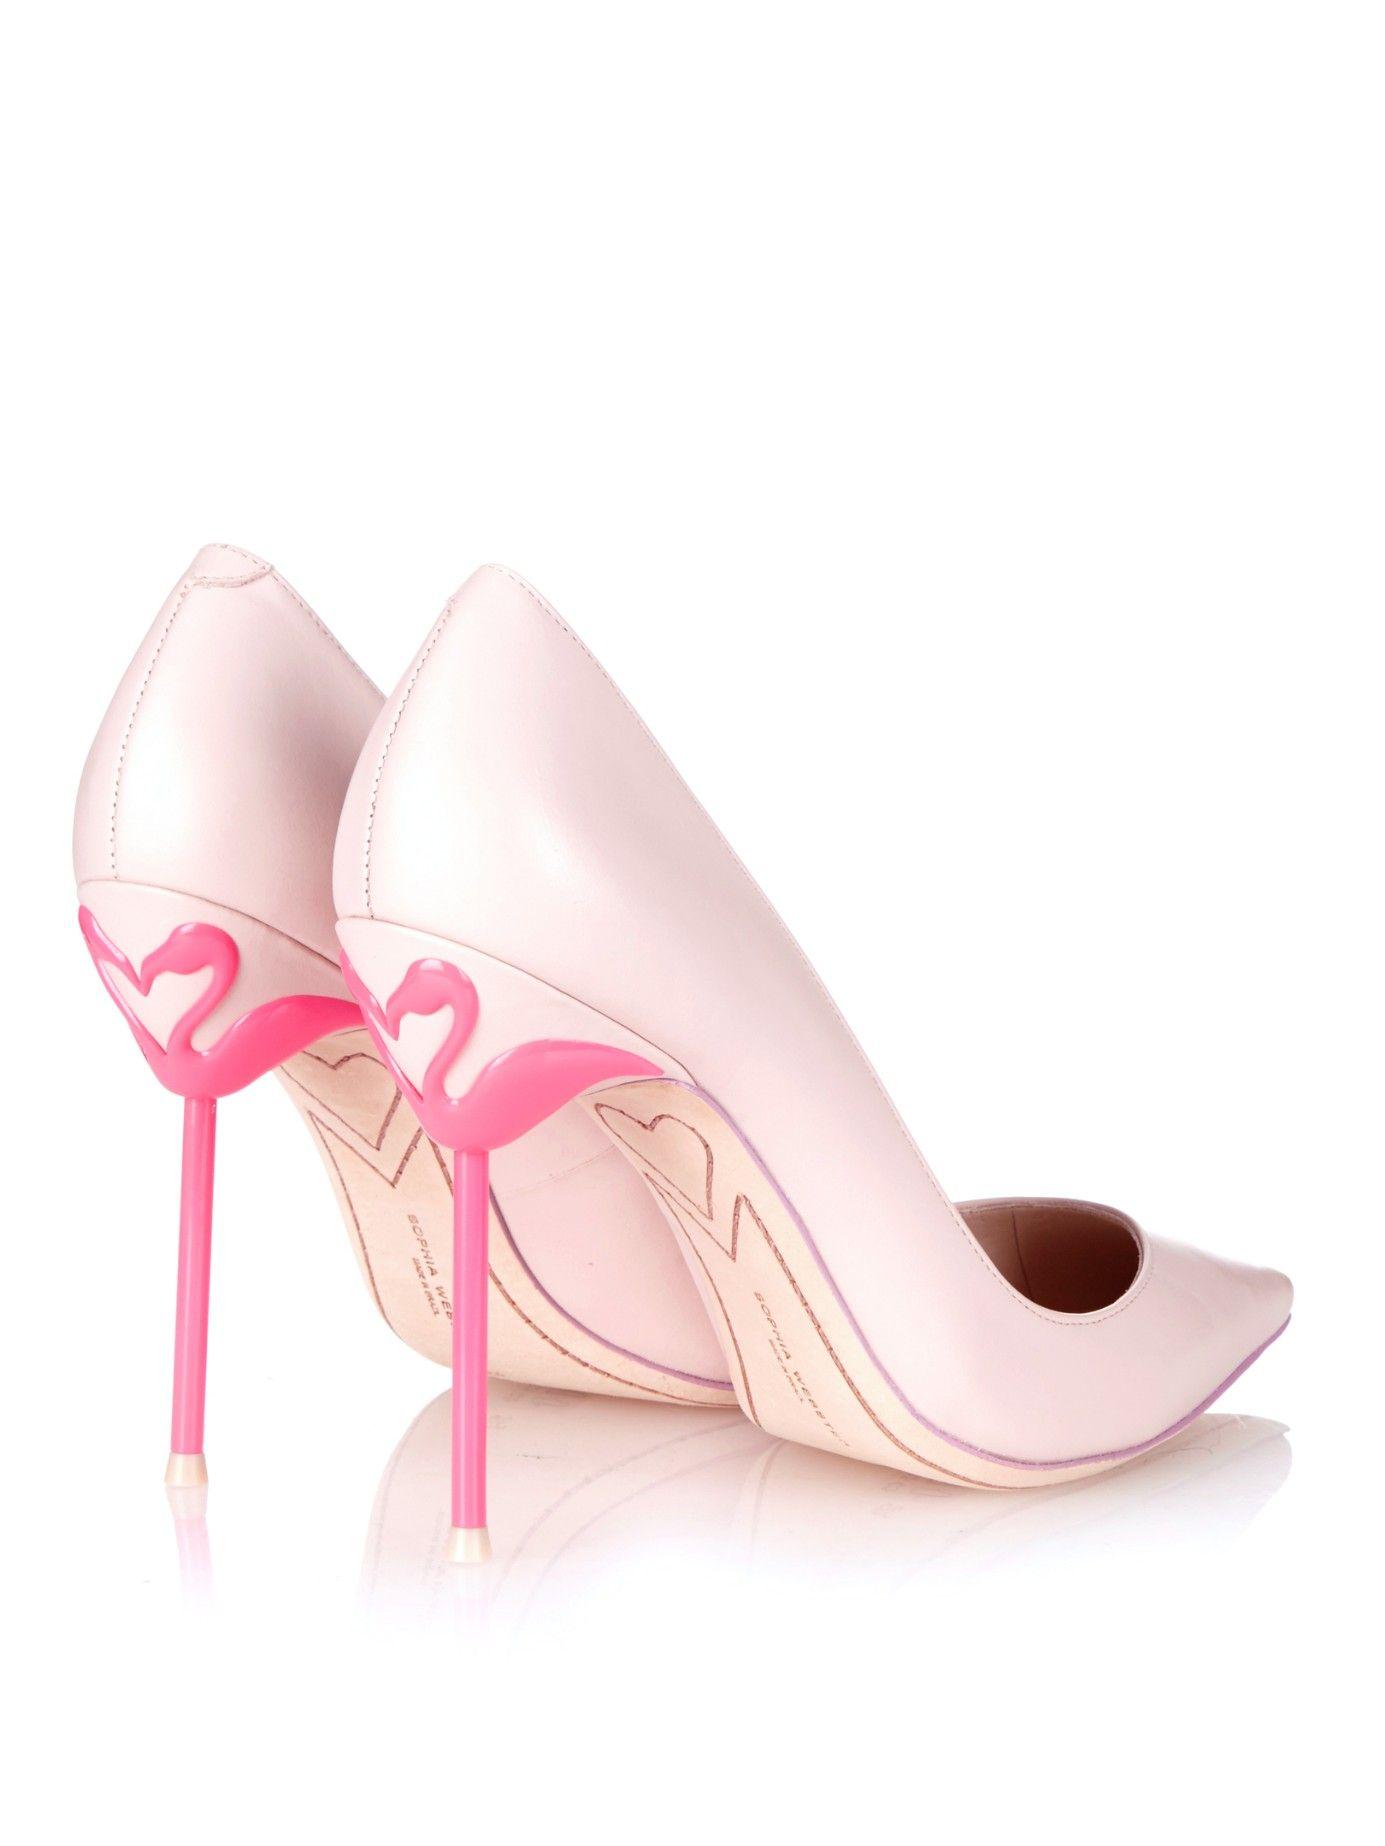 Flamingo Pumps Sophia Webster Coco flamingo-heel leather pumps ... c758aef68